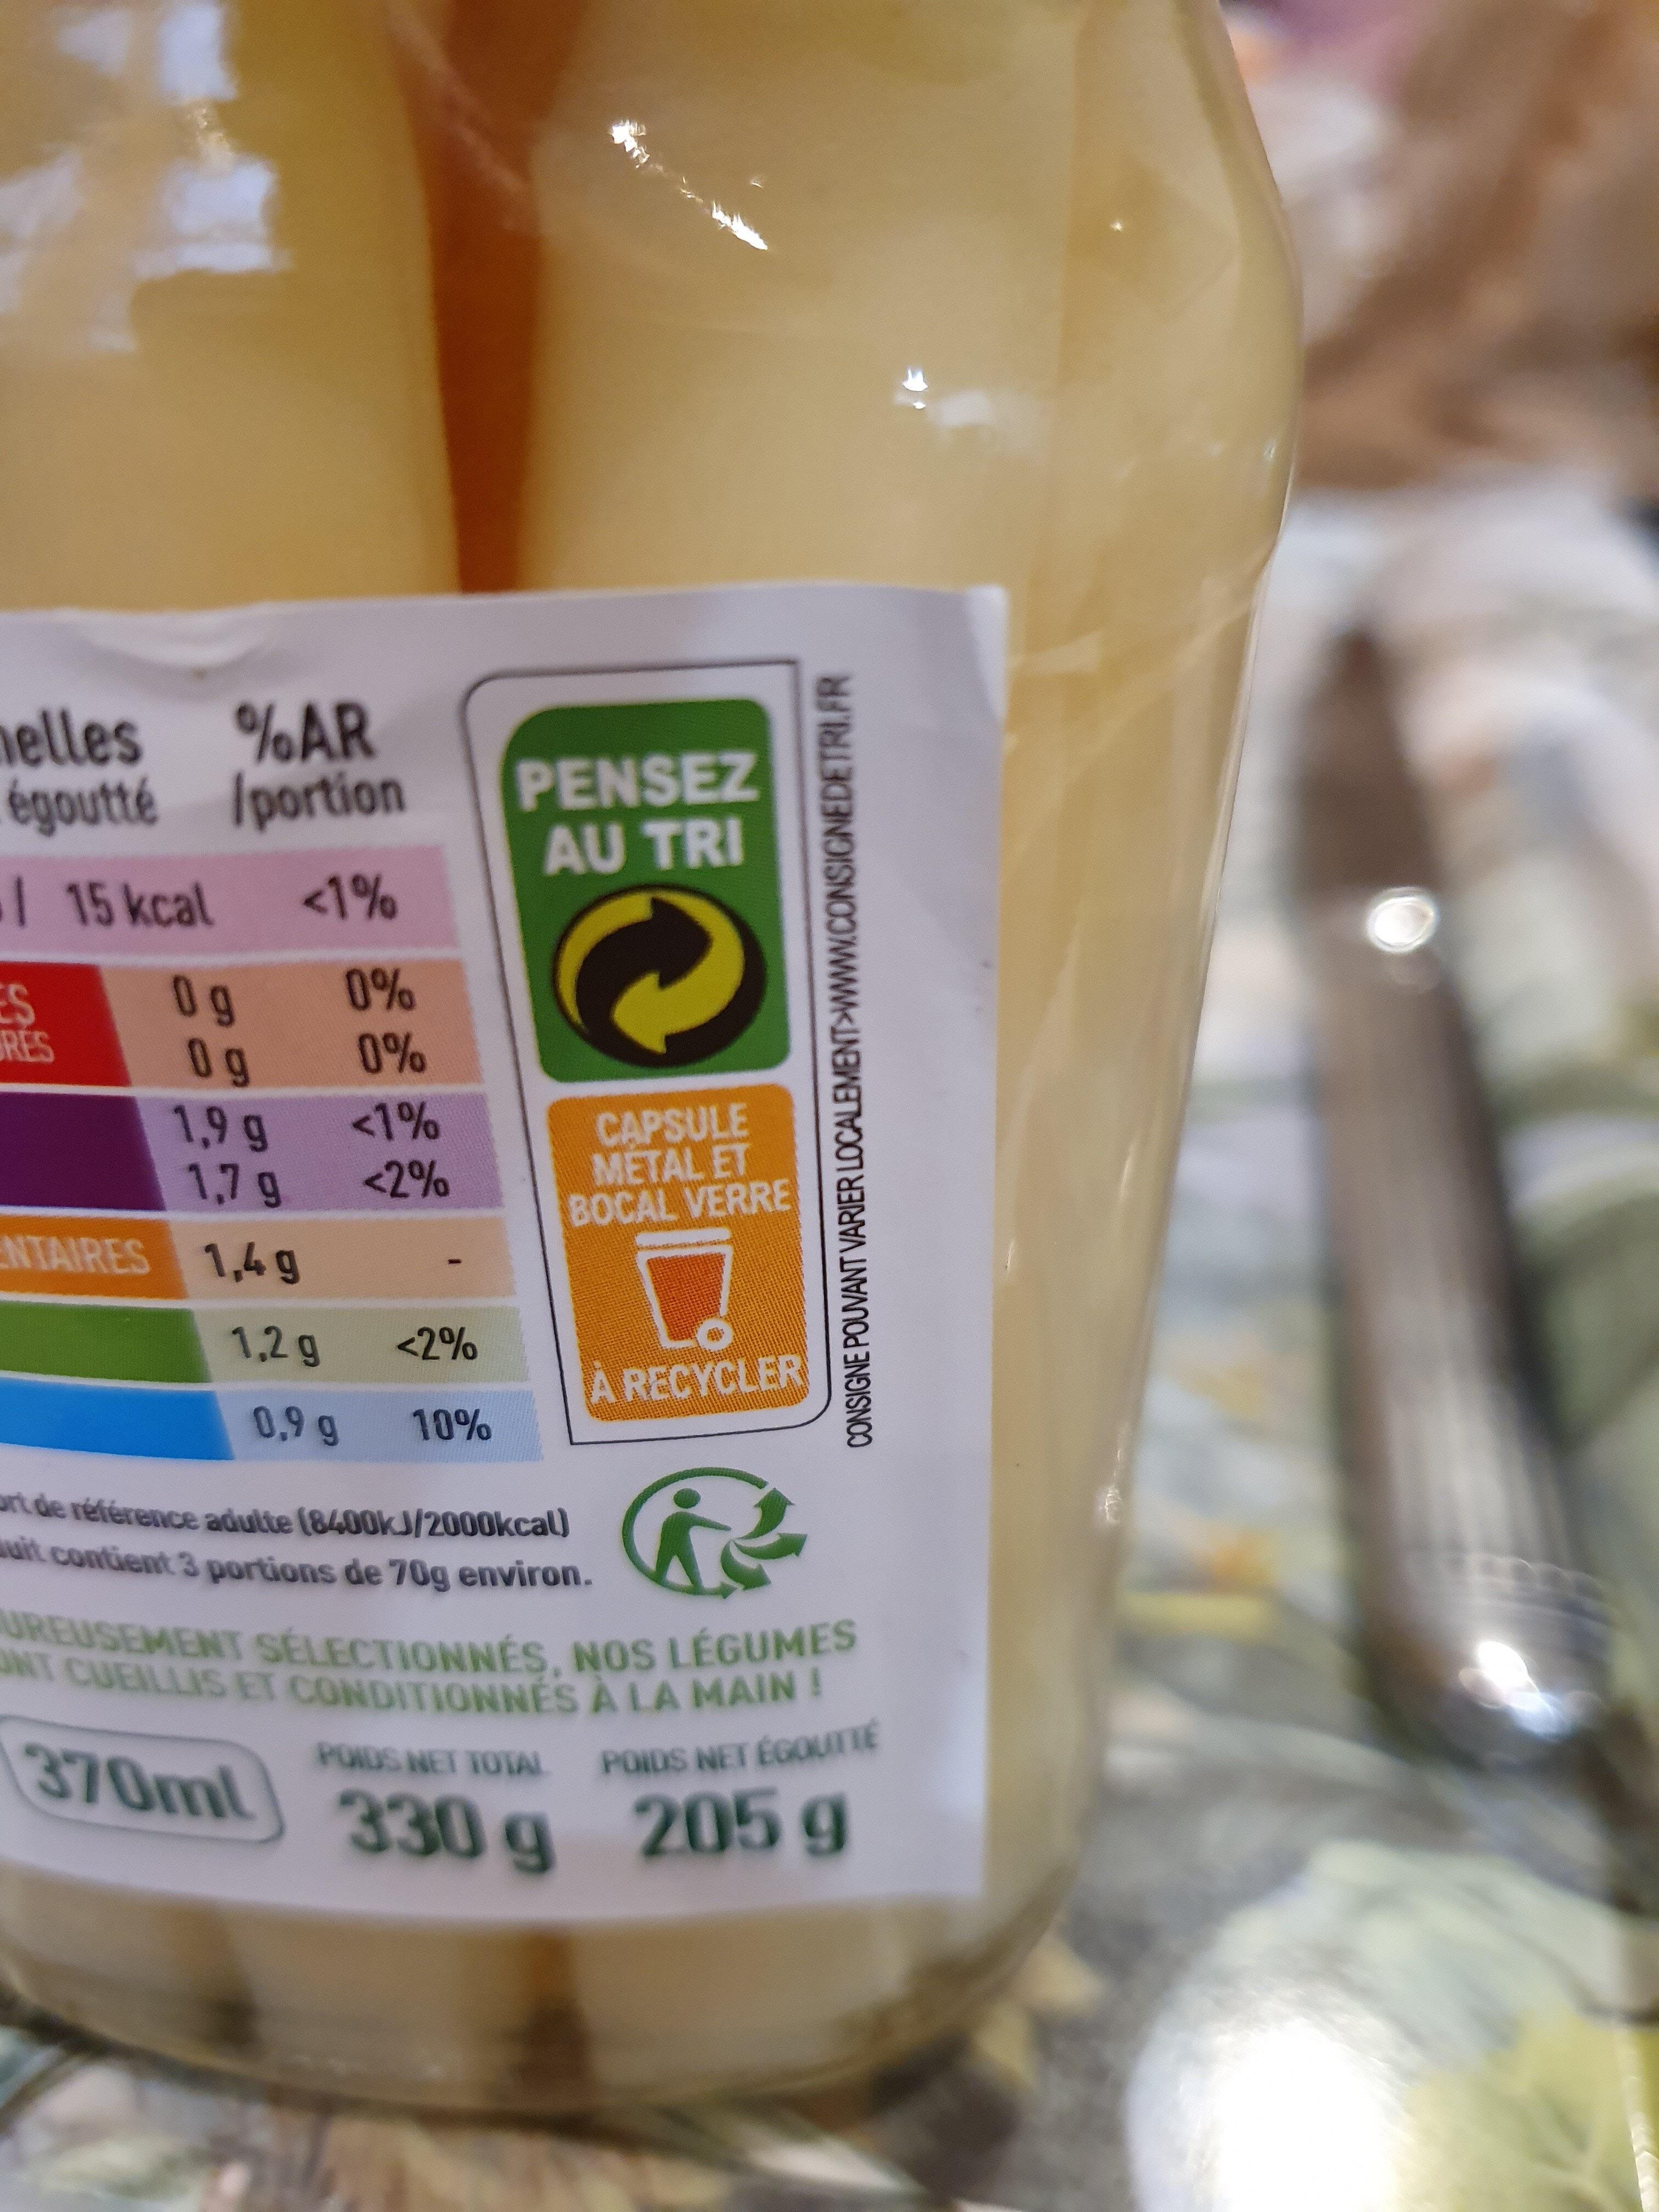 Asperges Blanches - Istruzioni per il riciclaggio e/o informazioni sull'imballaggio - fr